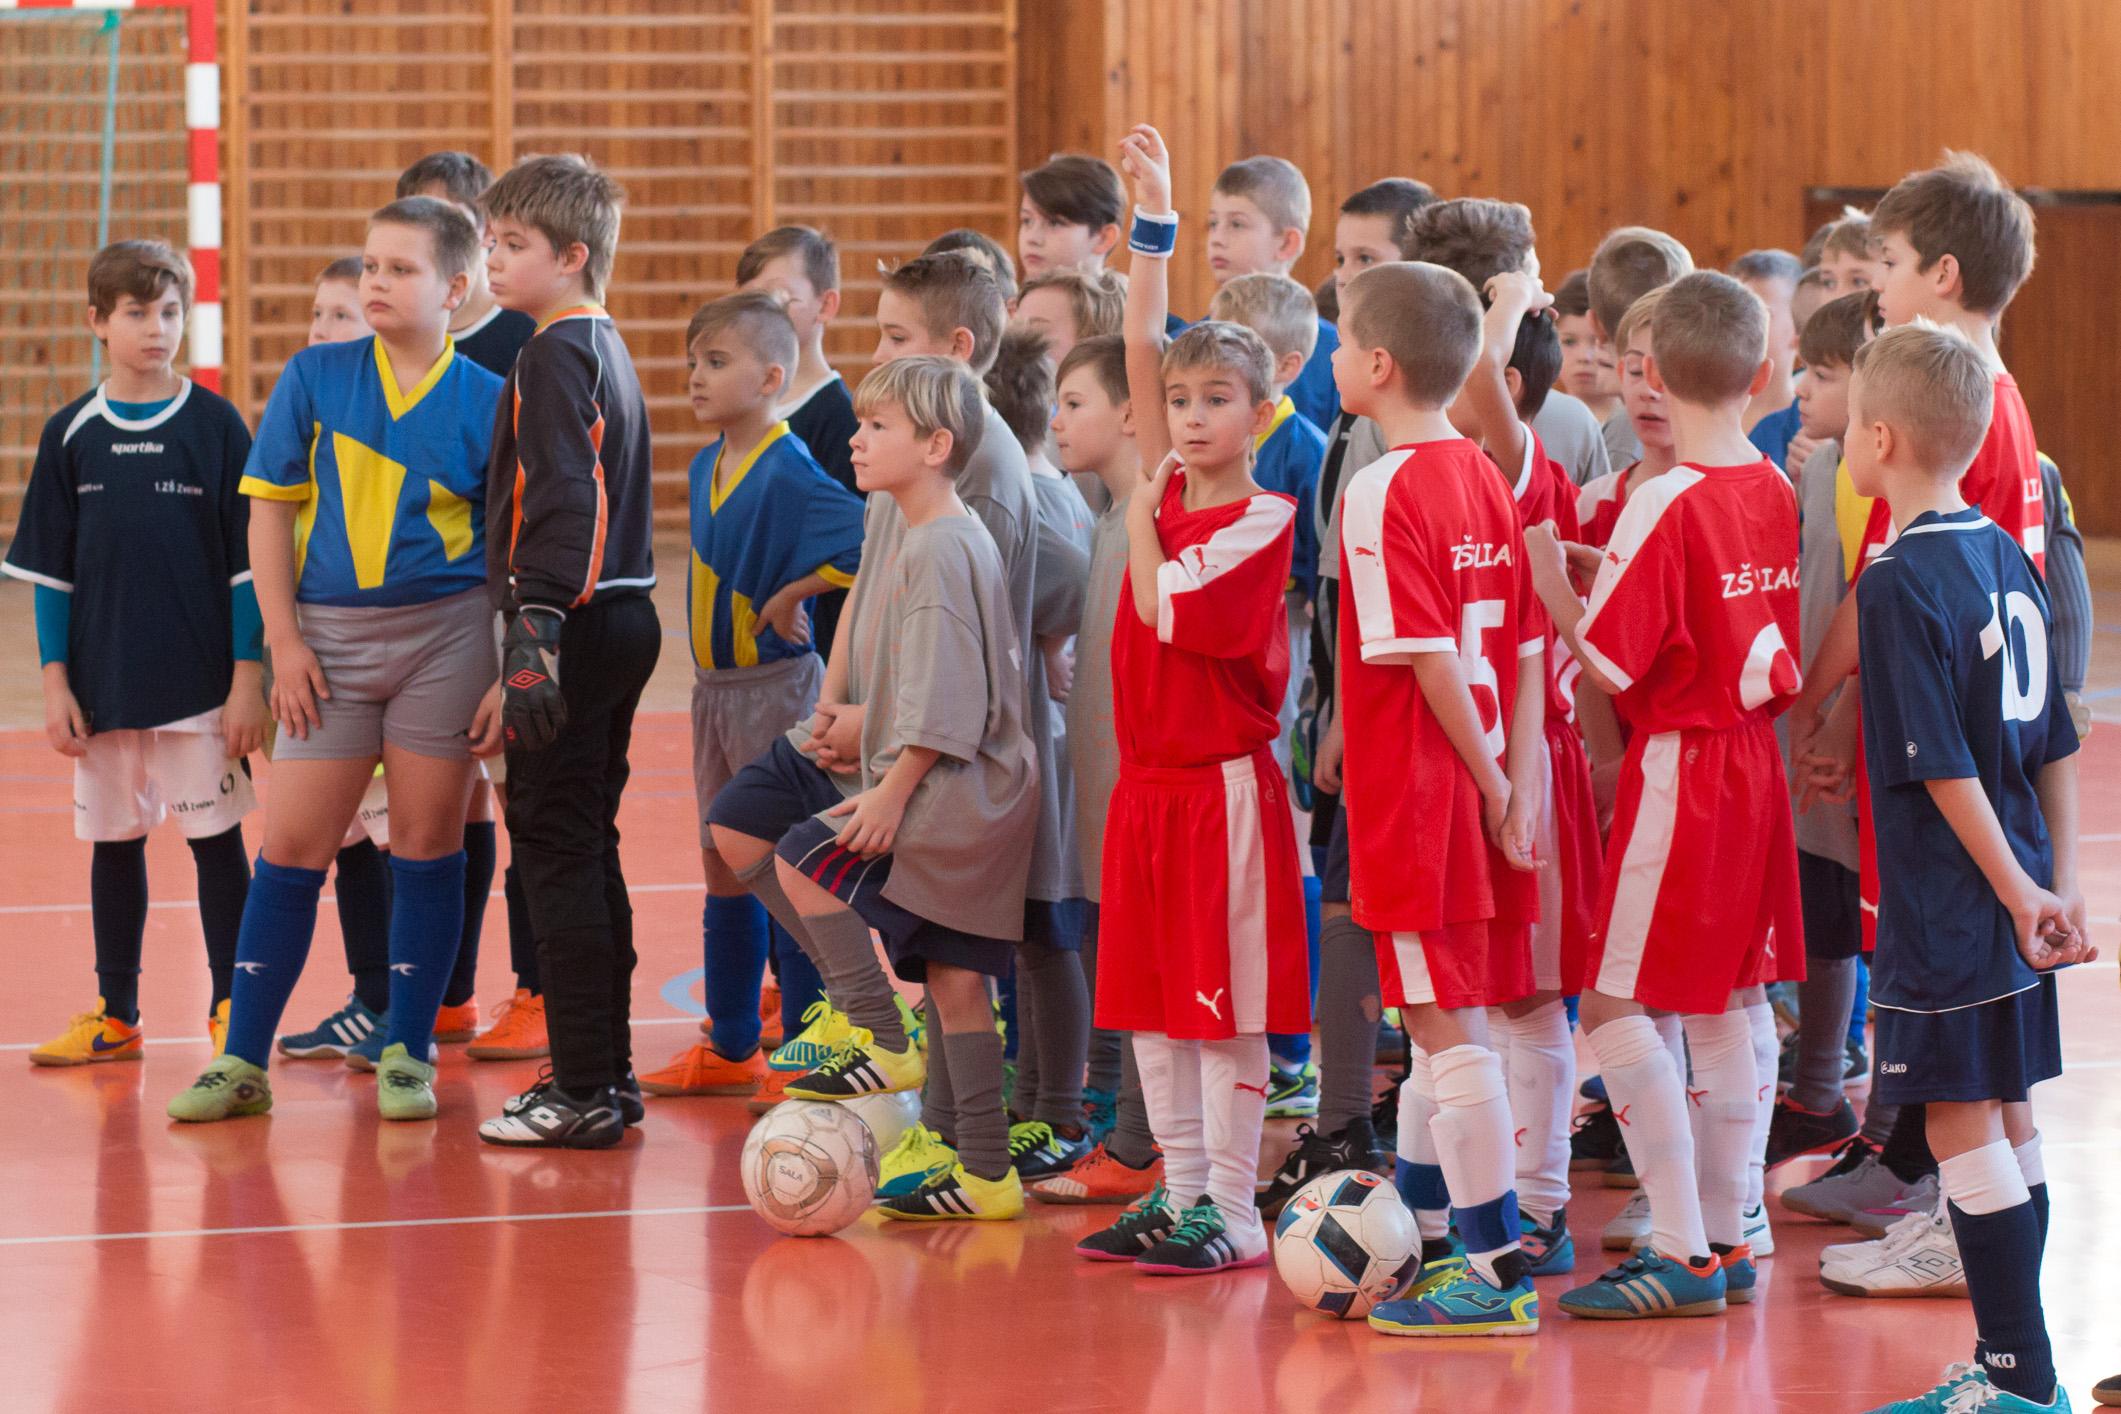 novorocny-turnaj-minifutbal-zvolen-103